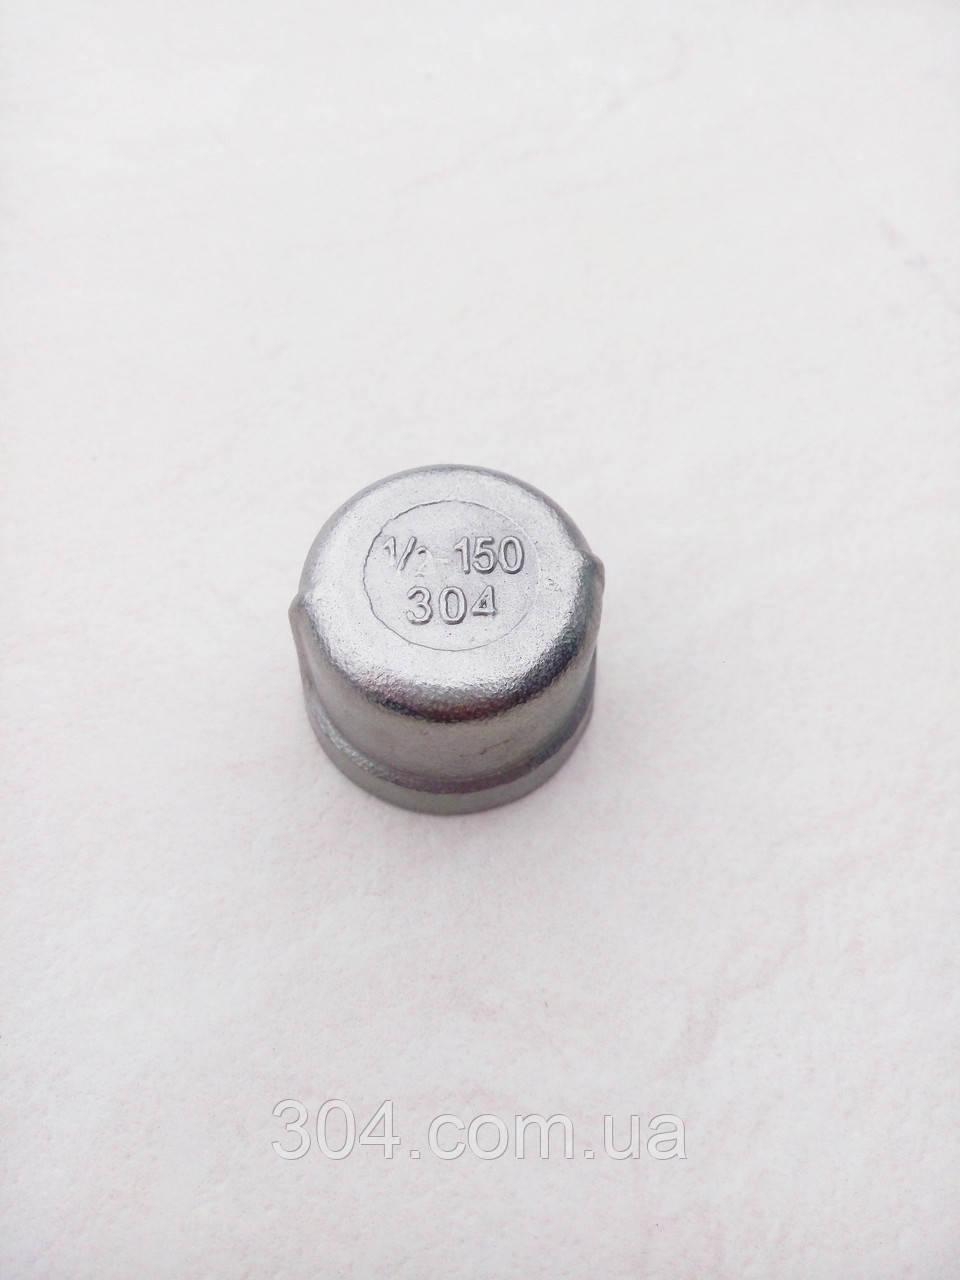 Заглушка нержавеющая Ду 32(1 1/4дюйма), AISI 304